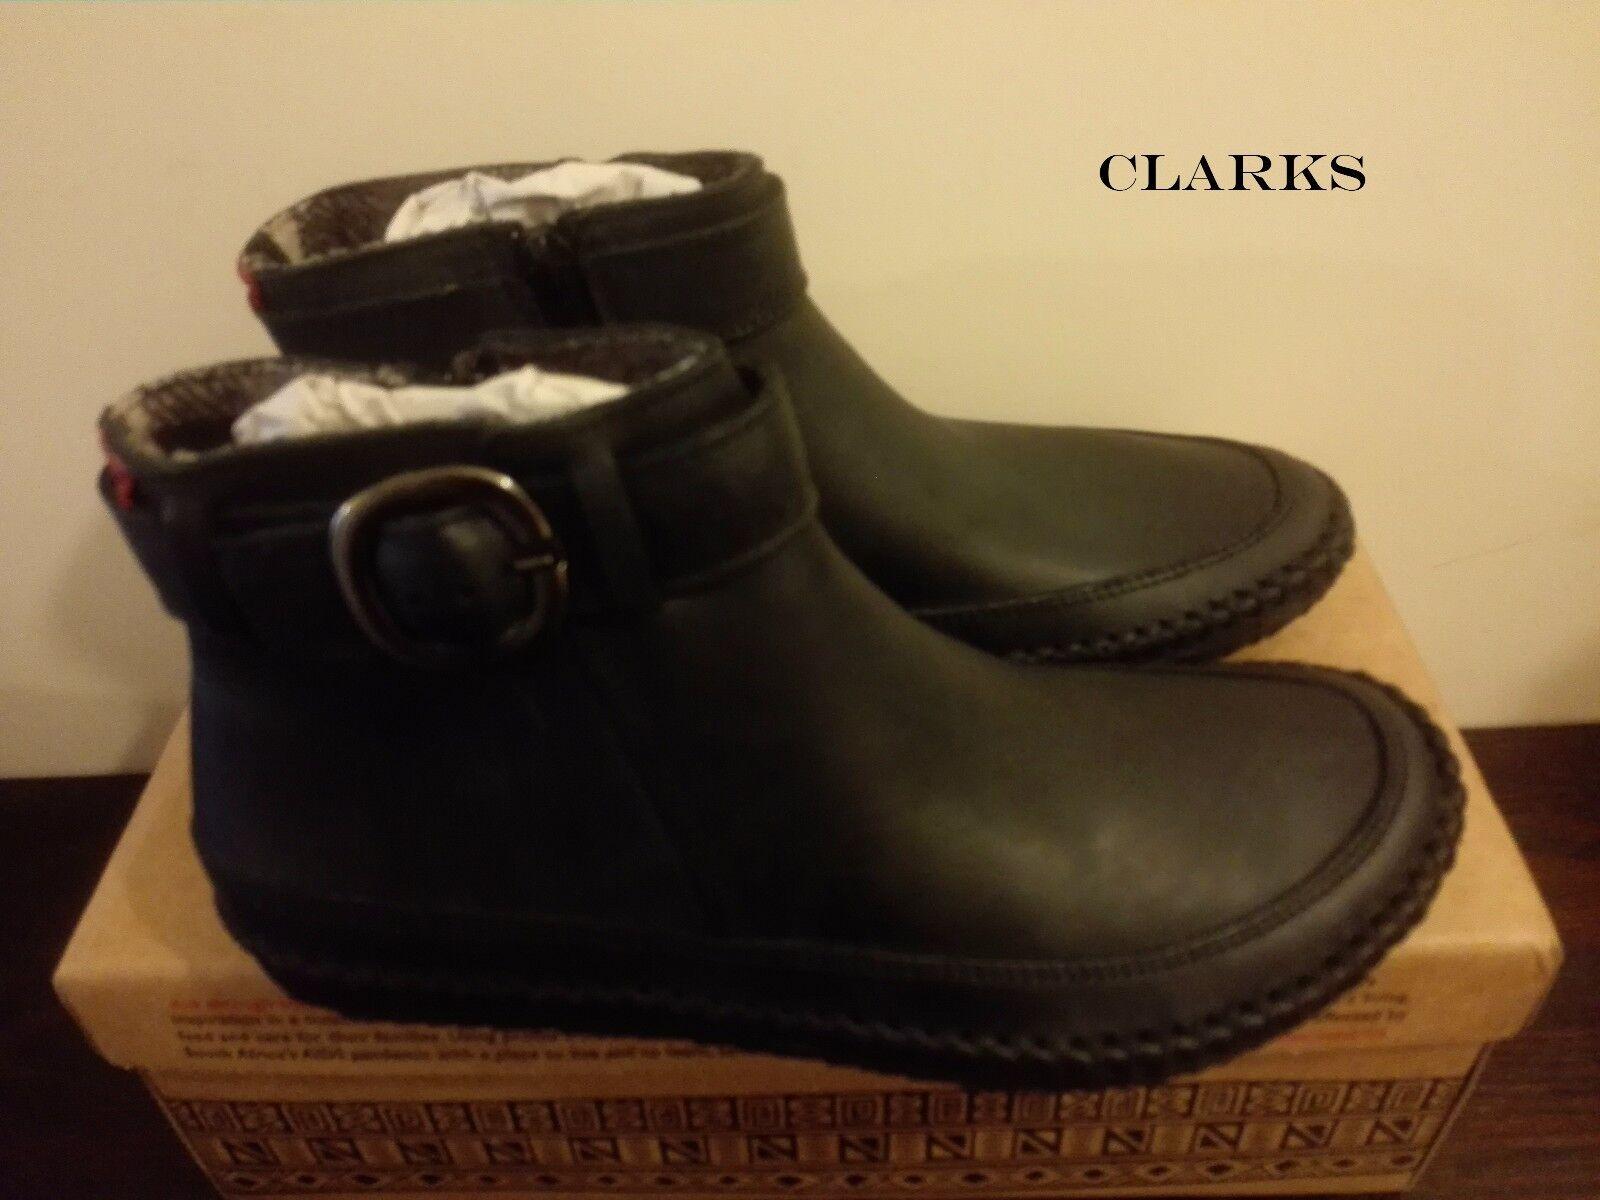 Clarks  PROFUMO africani in Pelle Nera  Donna Stivaletti   UE 37 RRP | Nuovi Prodotti  | Scolaro/Signora Scarpa